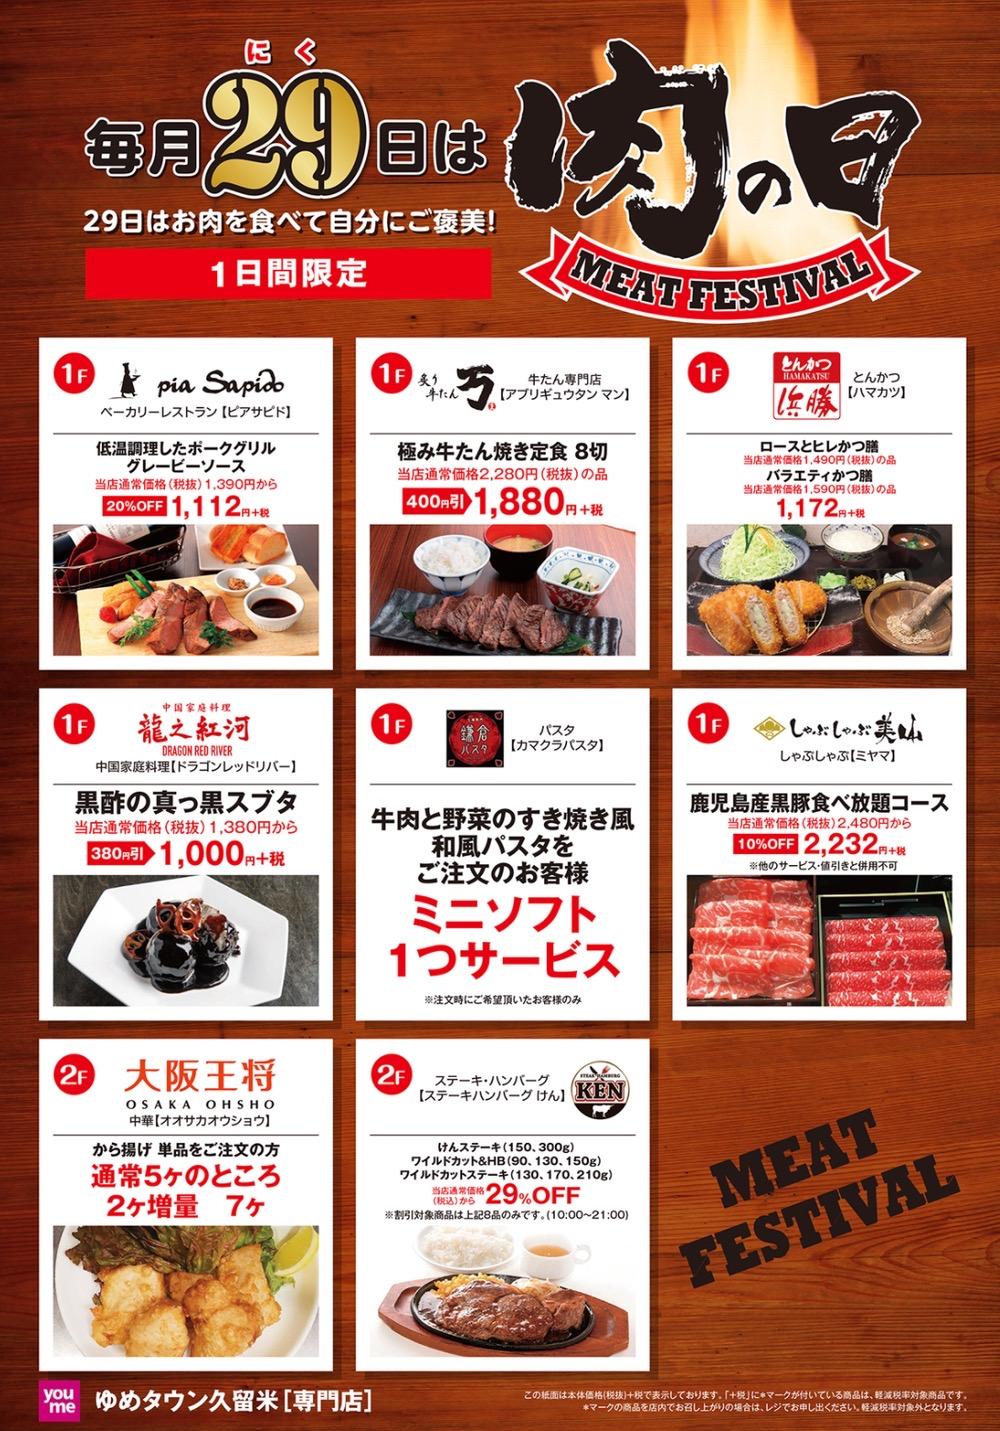 ゆめタウン久留米 肉の日 1日間限定